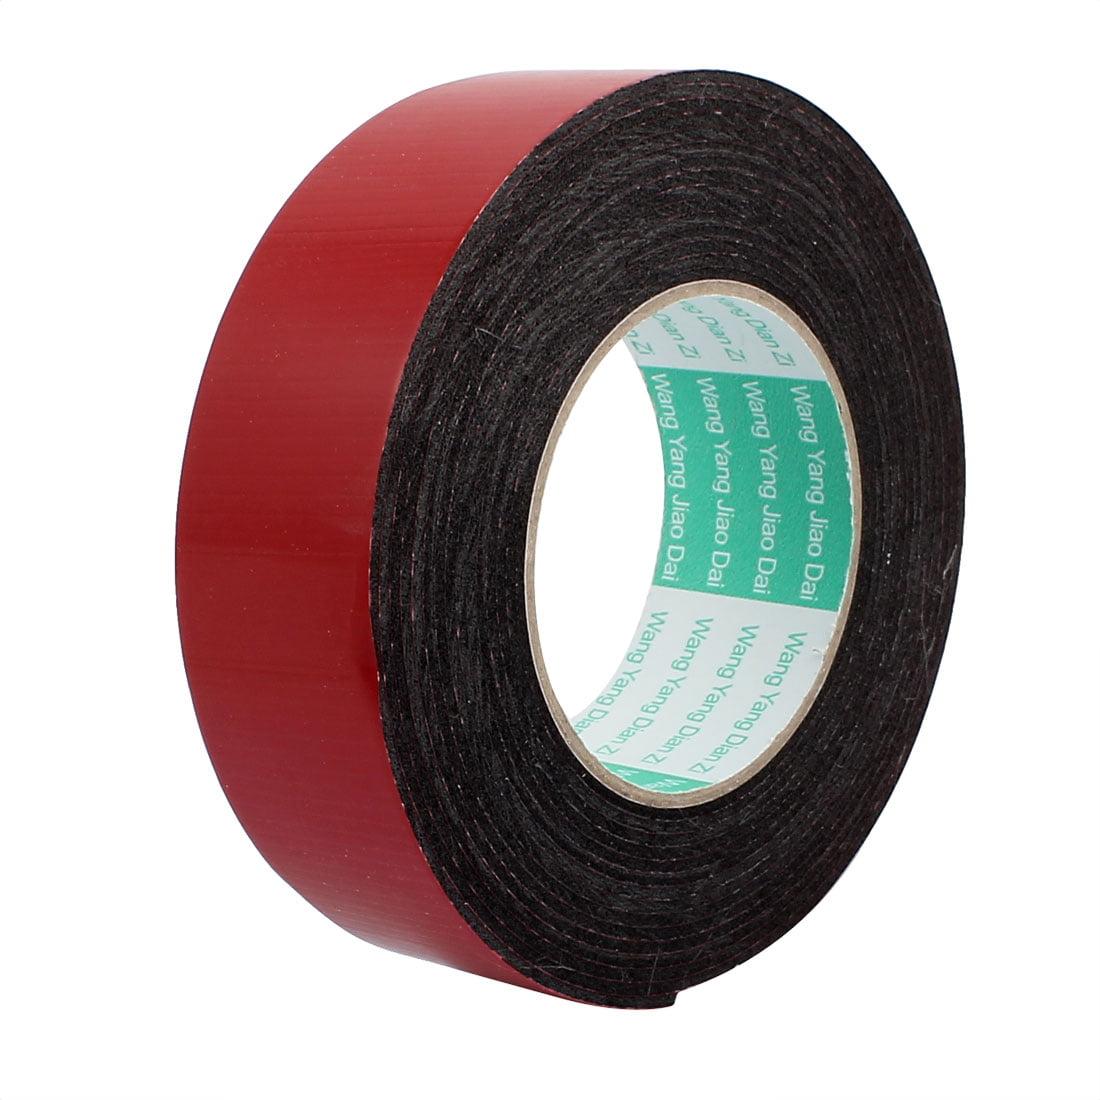 Door Seal 40x2mm Dual-side Adhesive Shockproof Sponge Foam Tape 5M Length